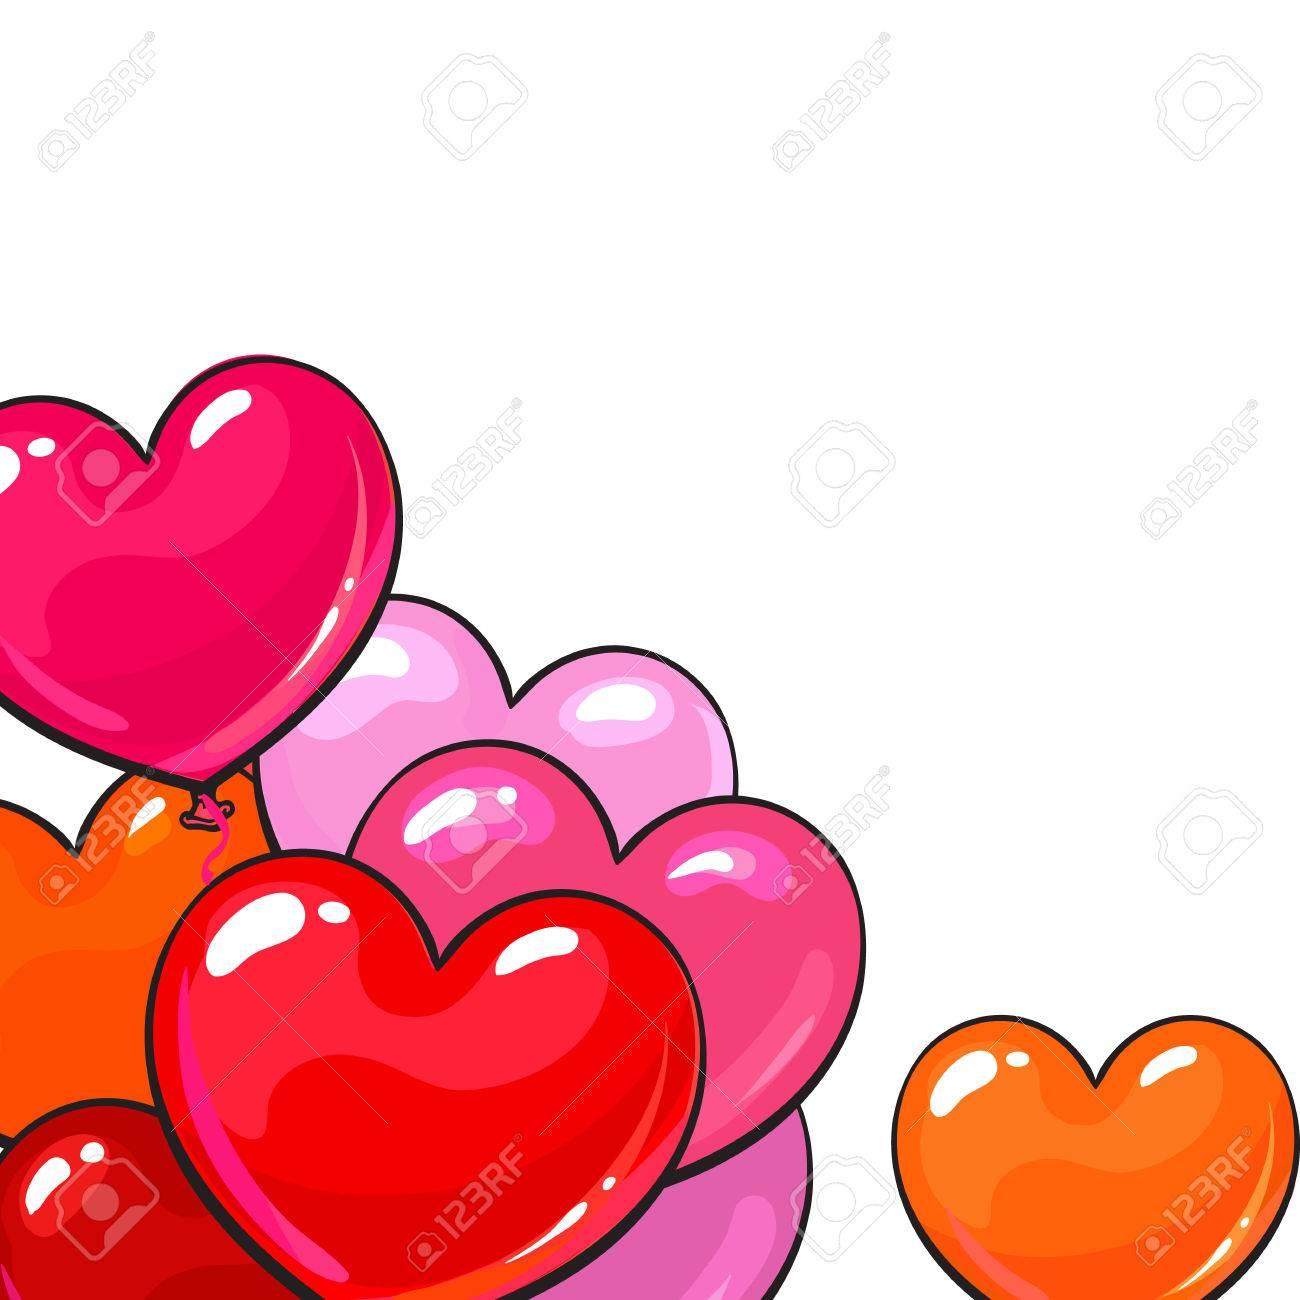 Ensembles De Ballons En Forme De Coeur Lumineux Et Colorés Illustration Vectorielle De Dessin Animé Isolée Sur Fond Blanc Tronc De Ballons De Coeur